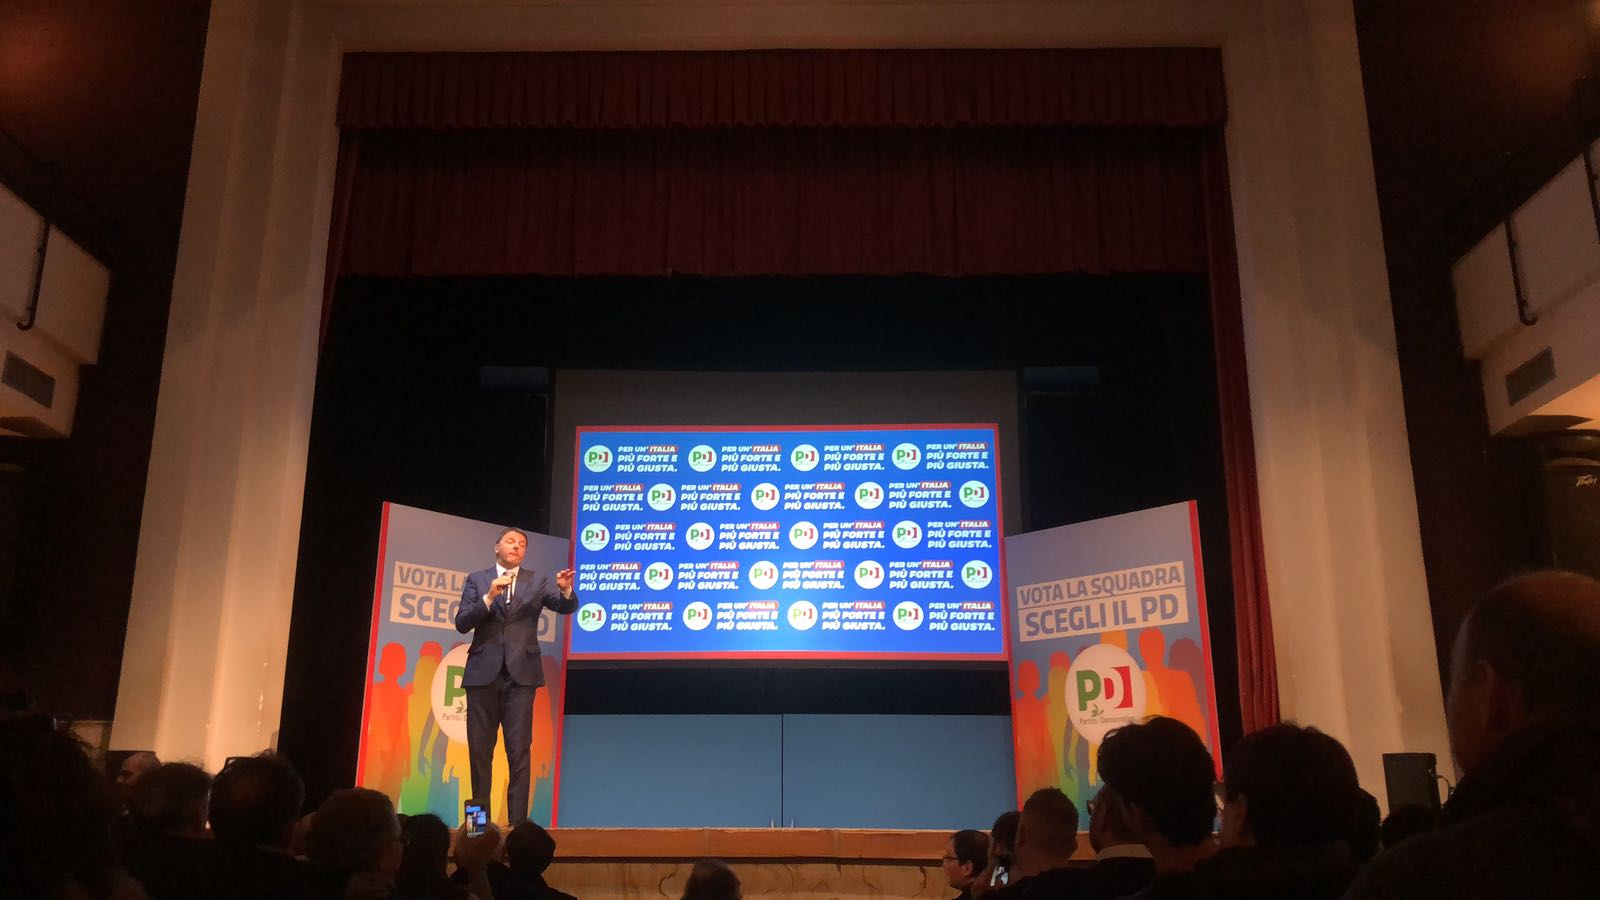 Renzi sfida Di Maio a un confronto televisivo: